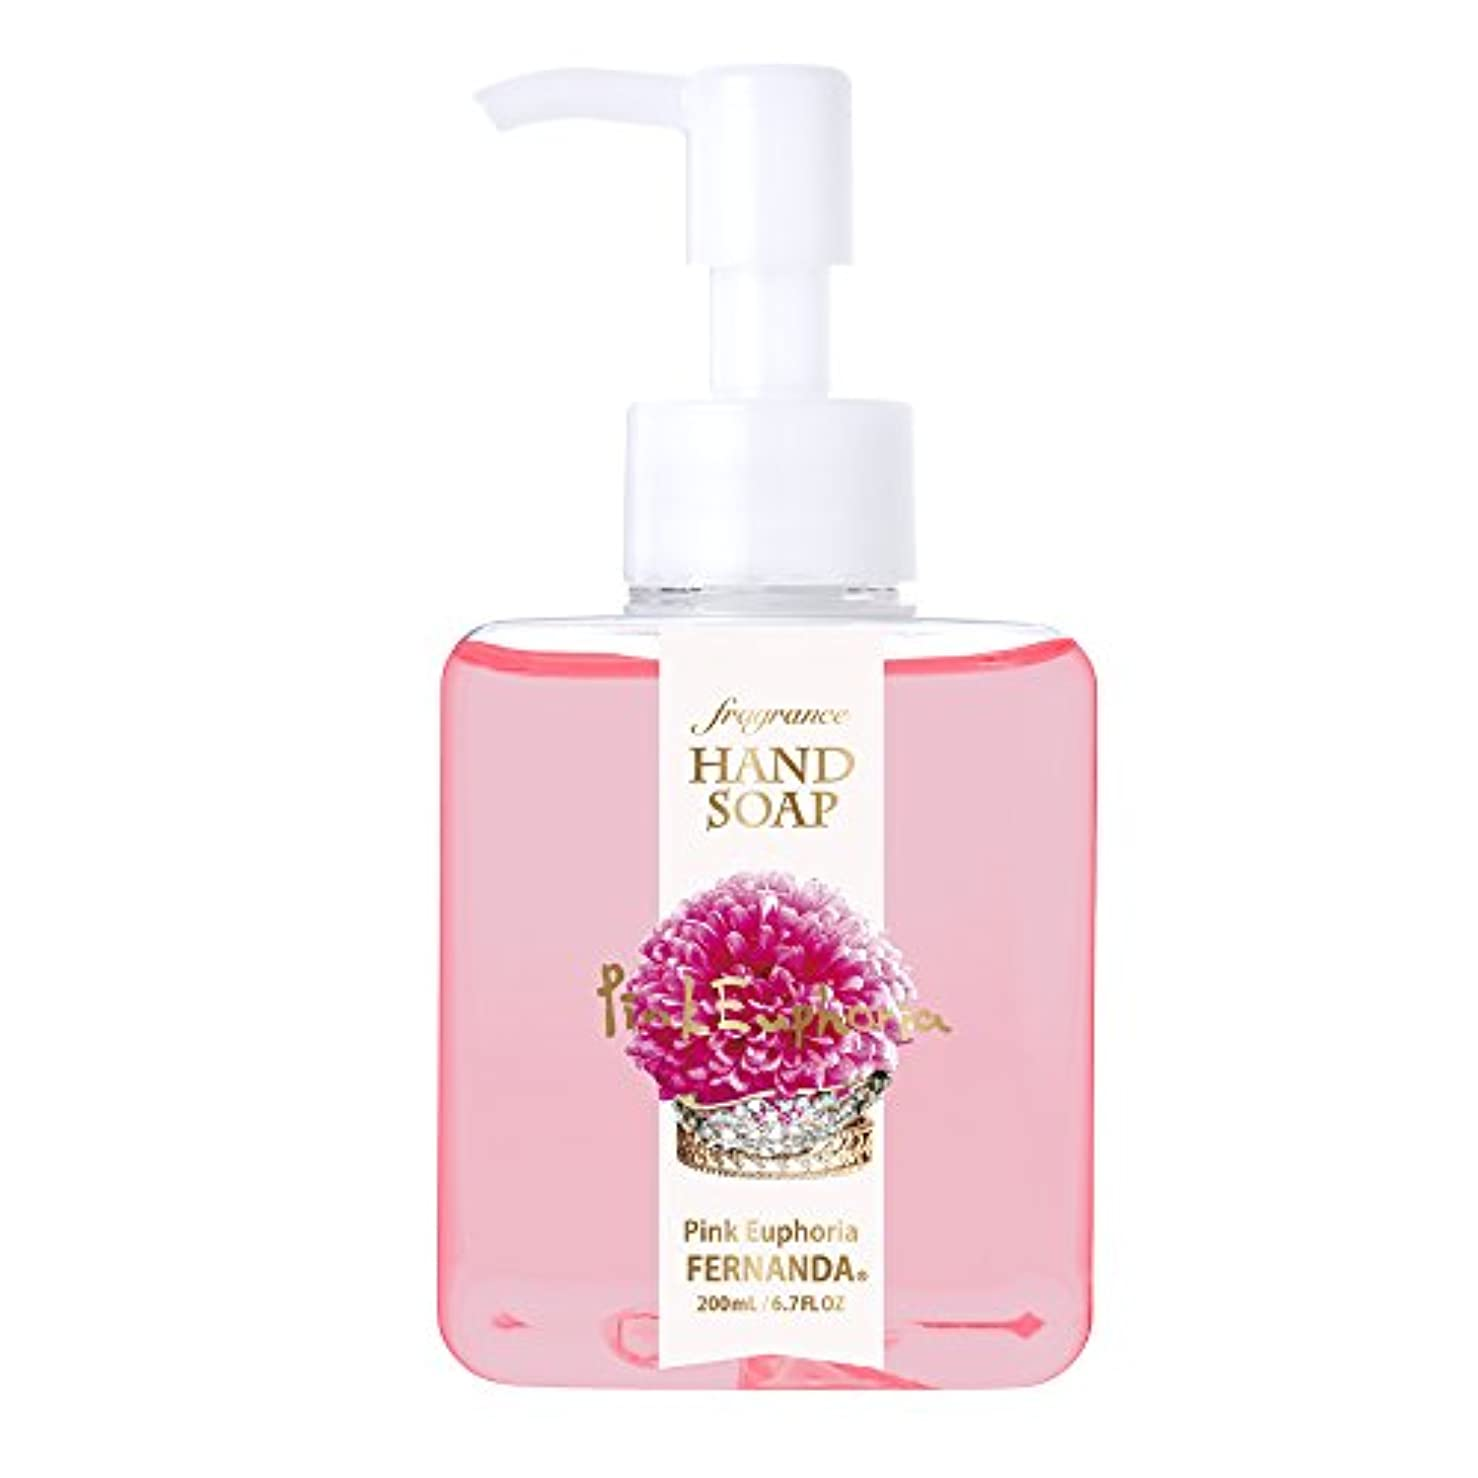 ラインナップ港植物のFERNANDA(フェルナンダ) Fragrance Hand Soap Pink Euphoria (ハンドソープ ピンクエウフォリア)